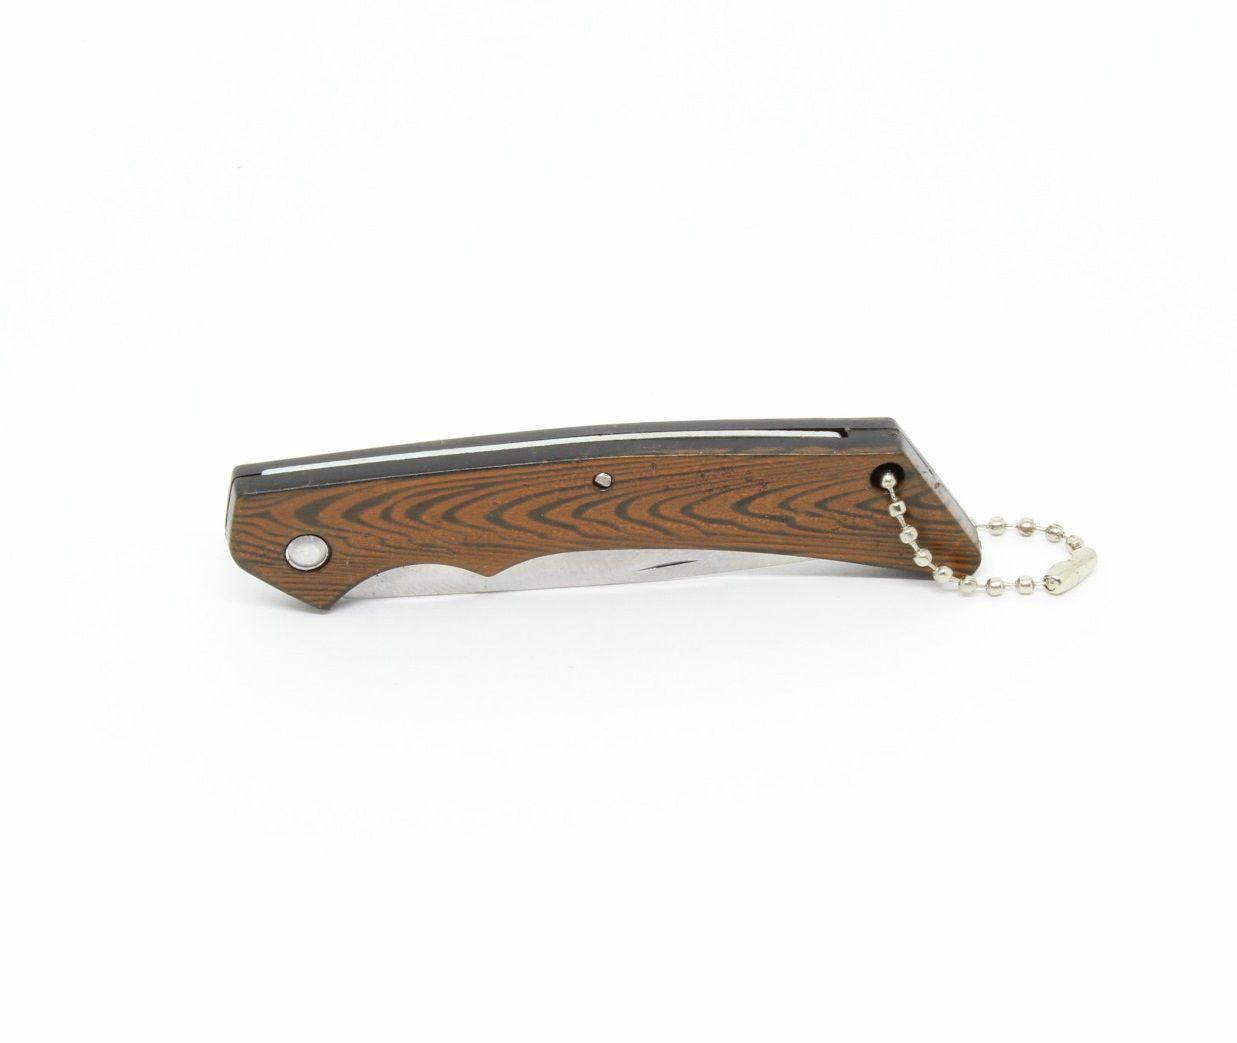 2 Canivetes Xingu - Pesca, Camping, Trilha  - Life Pesca - Sua loja de Pesca, Camping e Lazer